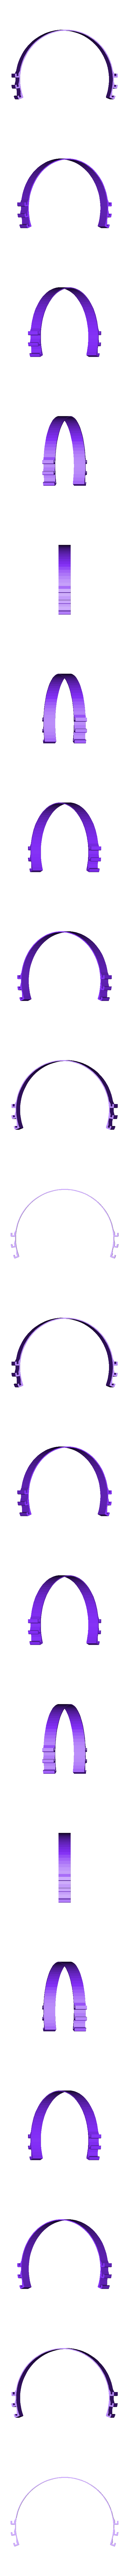 DIADEMA SUJECCIÓN MASCARILLA PEQUEÑA.stl Télécharger fichier STL gratuit Porte-masque simple et double courbe + Boucle d'oreille (pour sauver les oreilles) • Objet pour imprimante 3D, celtarra12